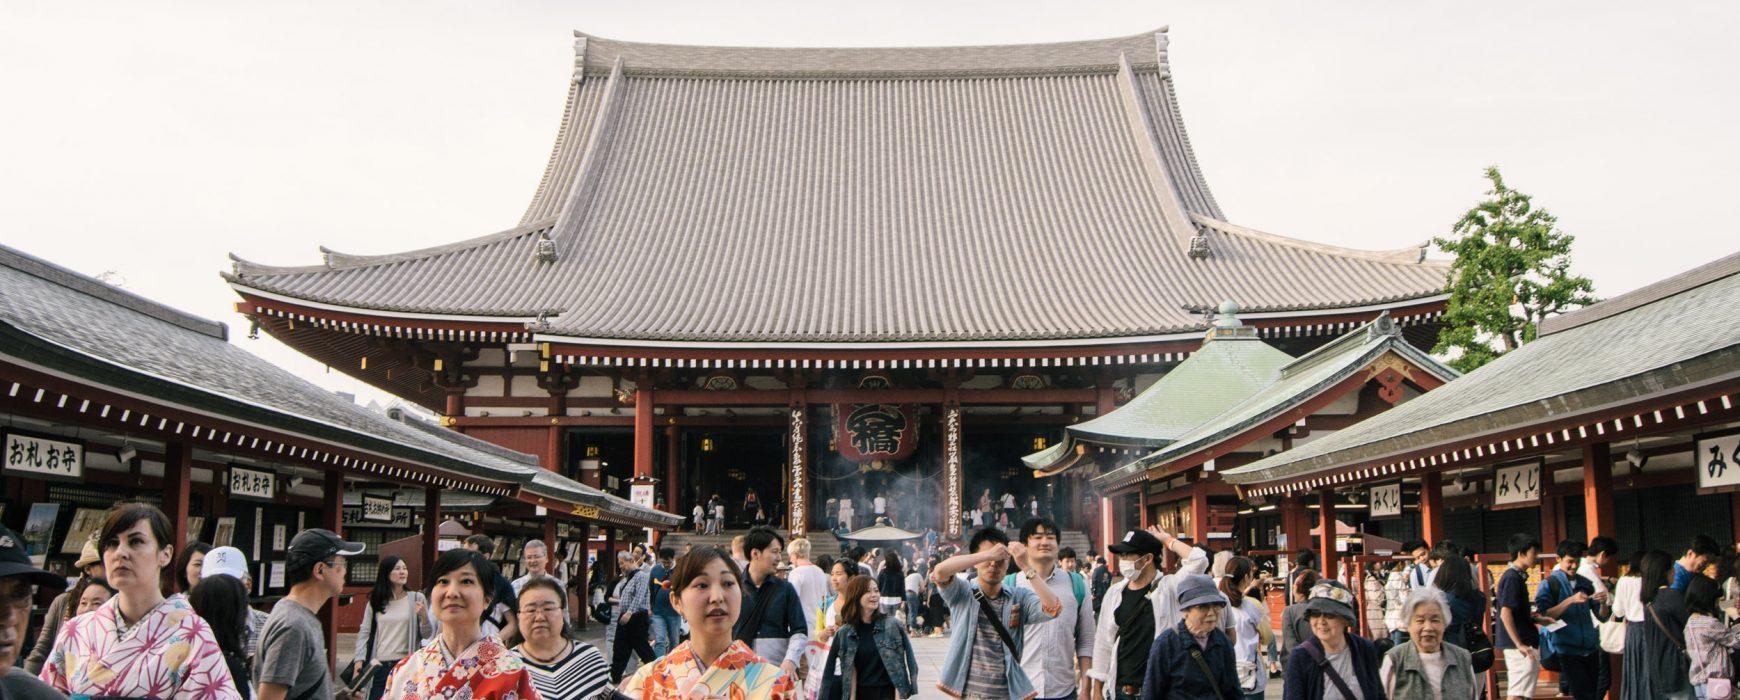 佛教與商業、市場與功德:古今佛教與經濟的互動